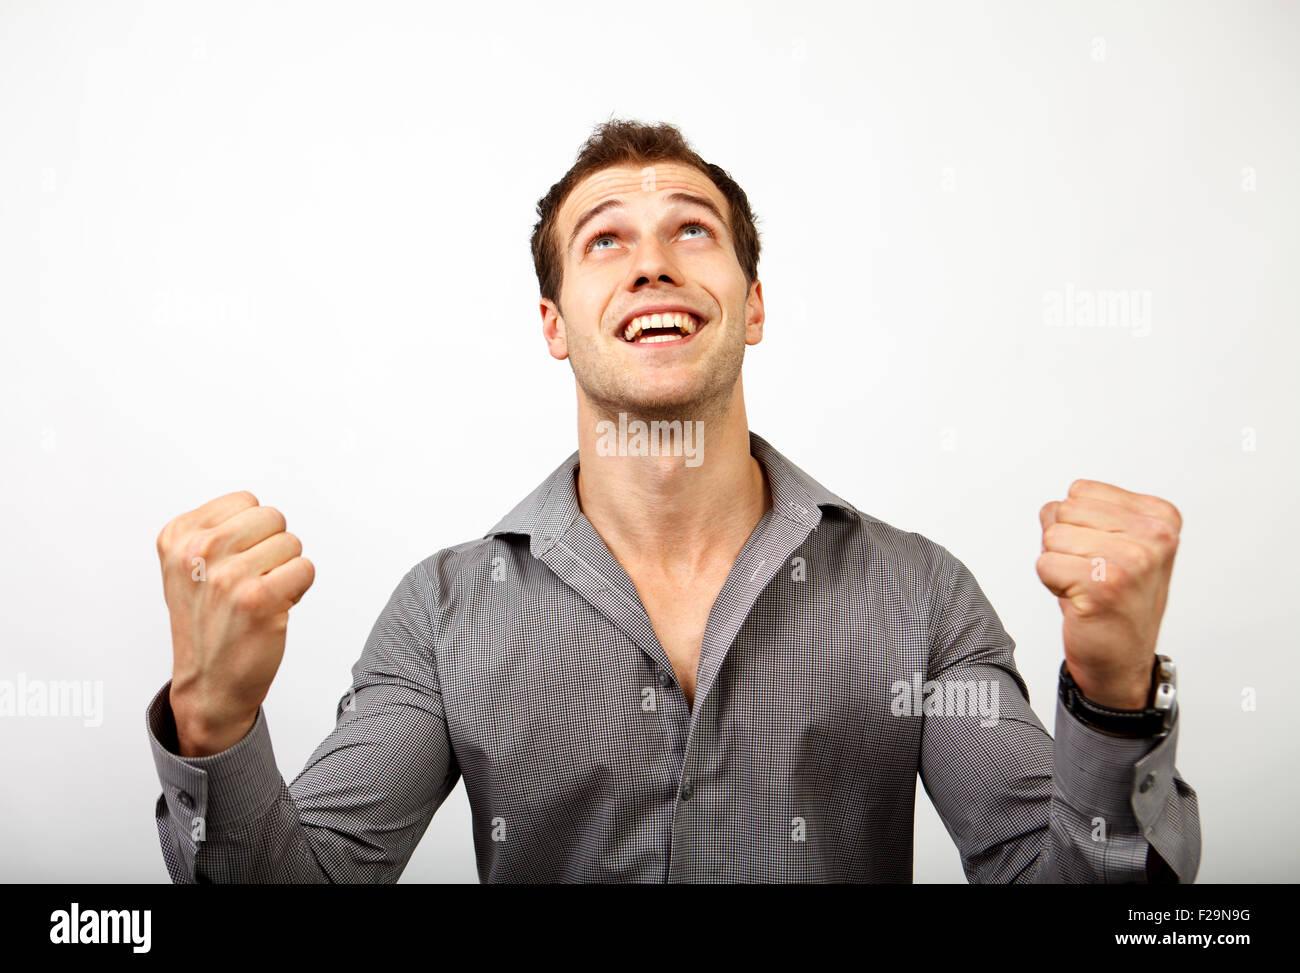 Win oder Succes Konzept - fröhlichen Mann glücklich für sein Glück Stockbild